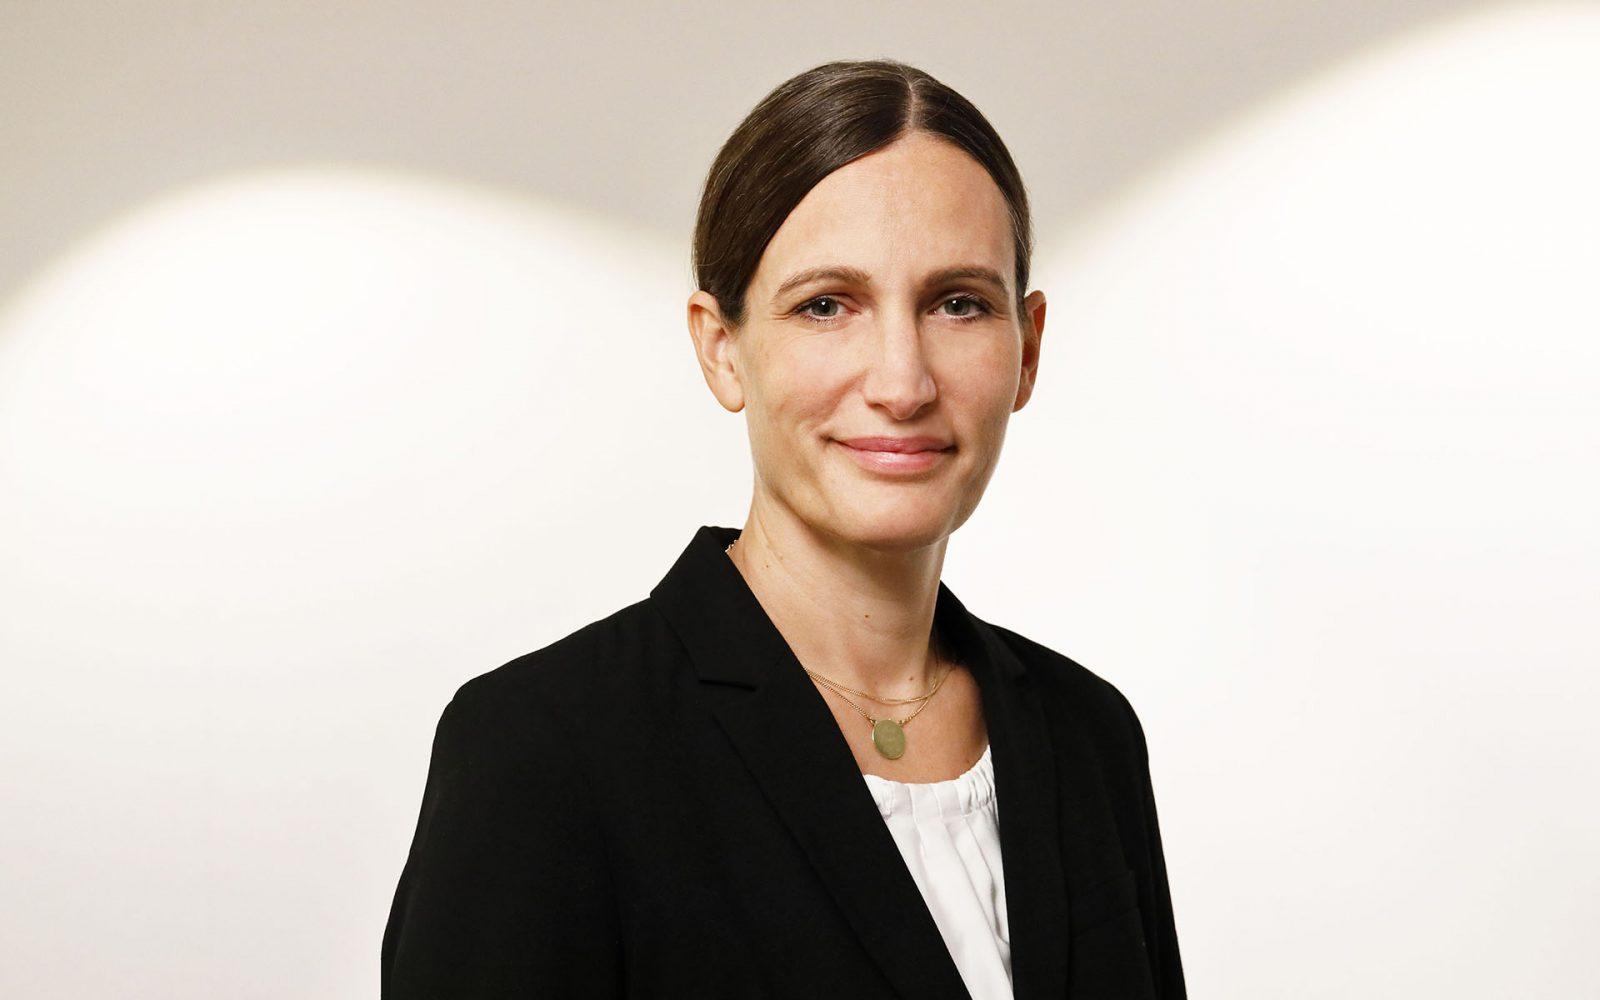 Bettina-Baumgarten